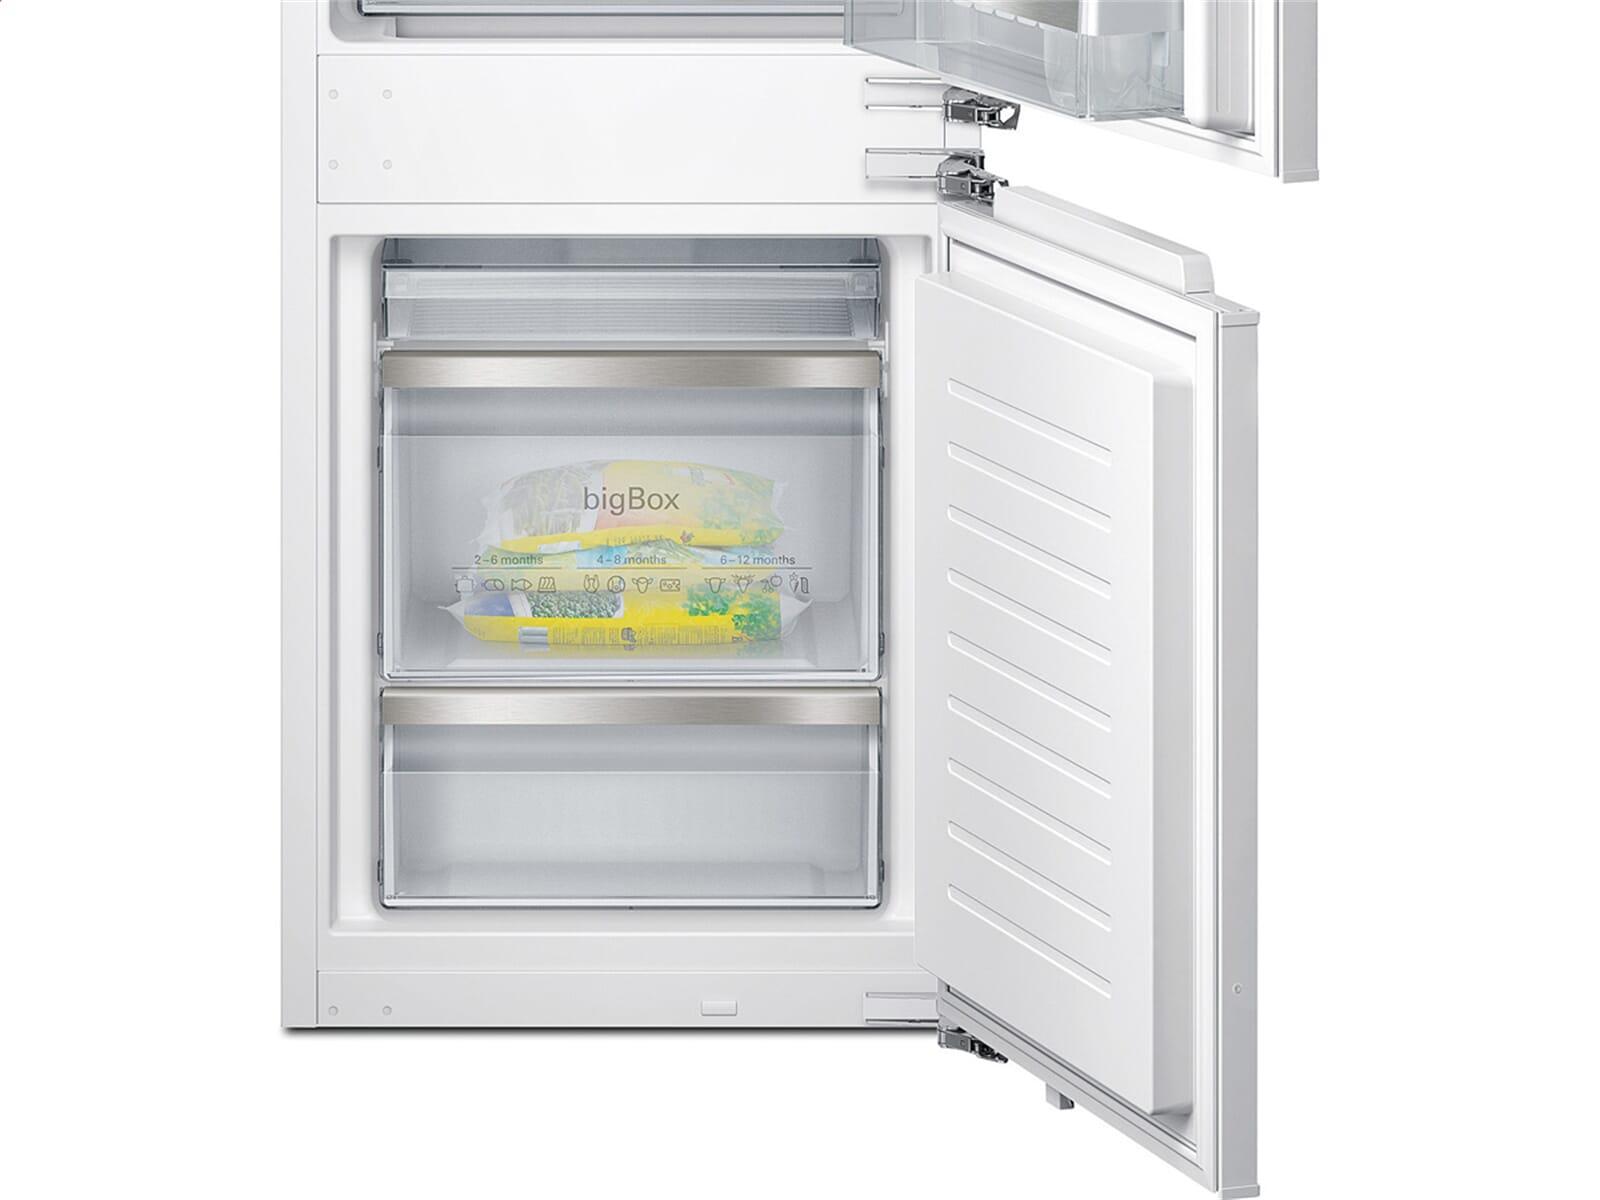 Siemens Kühlschrank Beschreibung : Siemens ki sad einbau kühl gefrierkombination